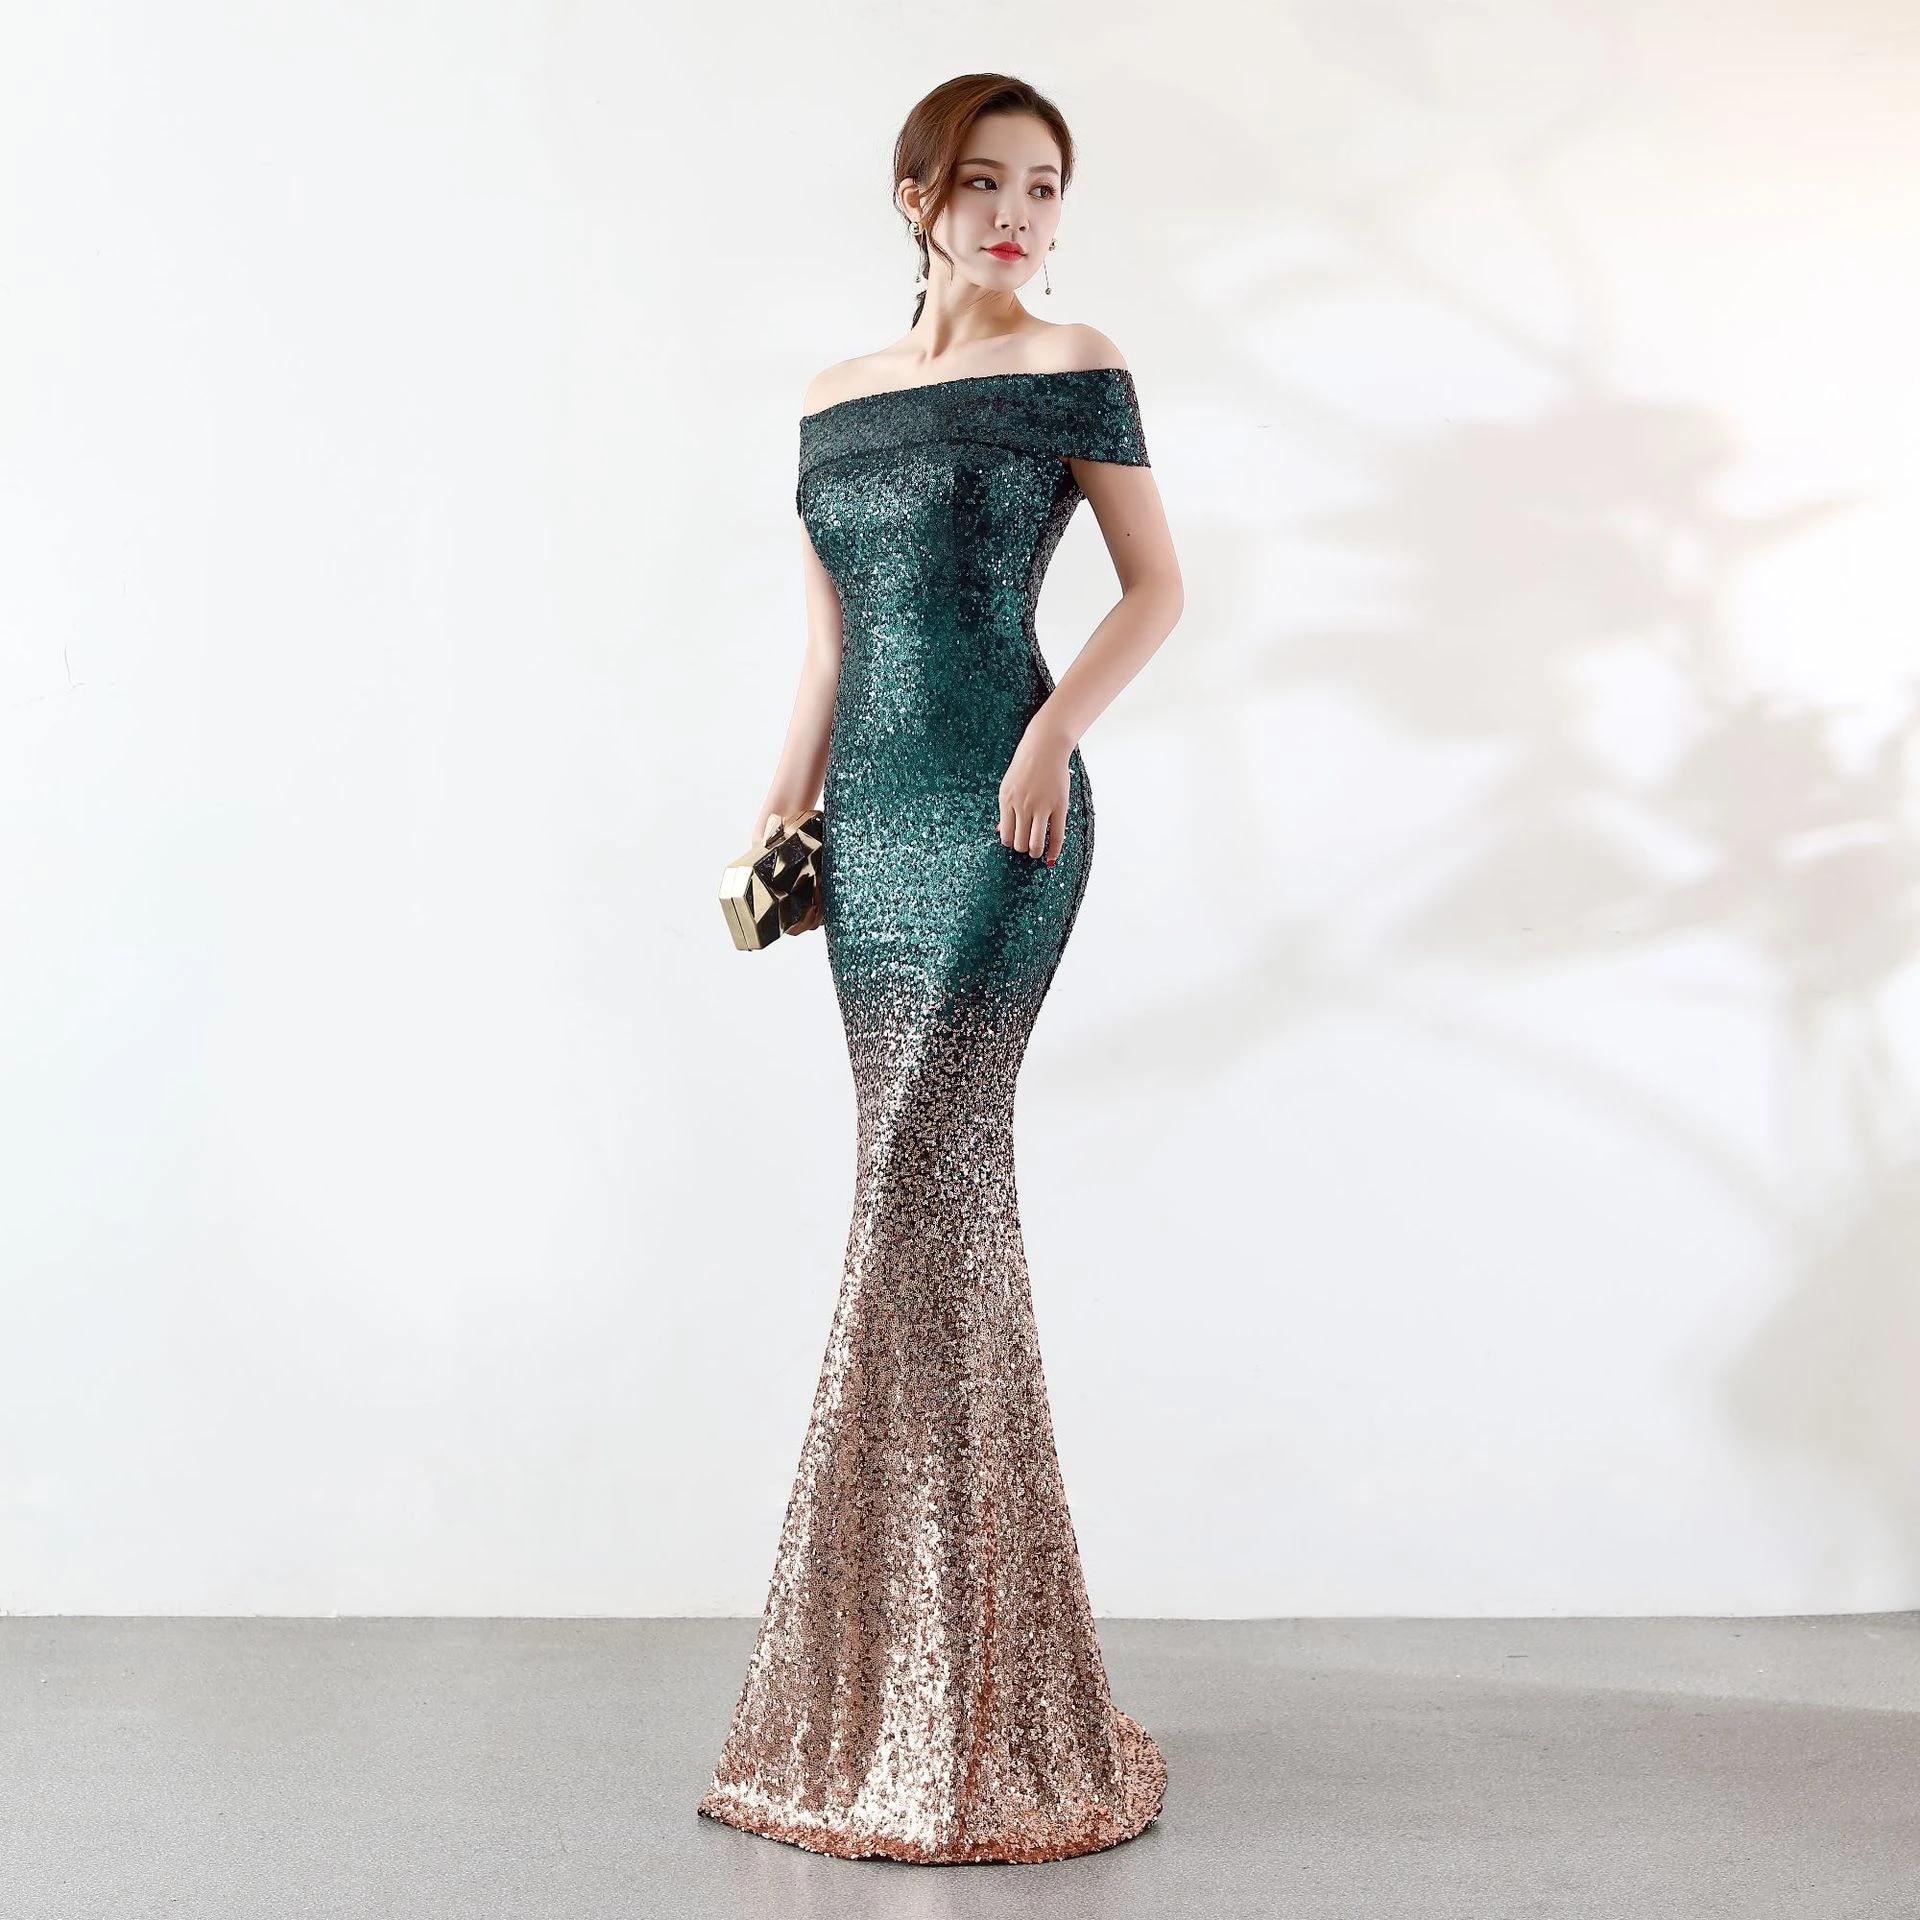 Mermaid Dress for Women